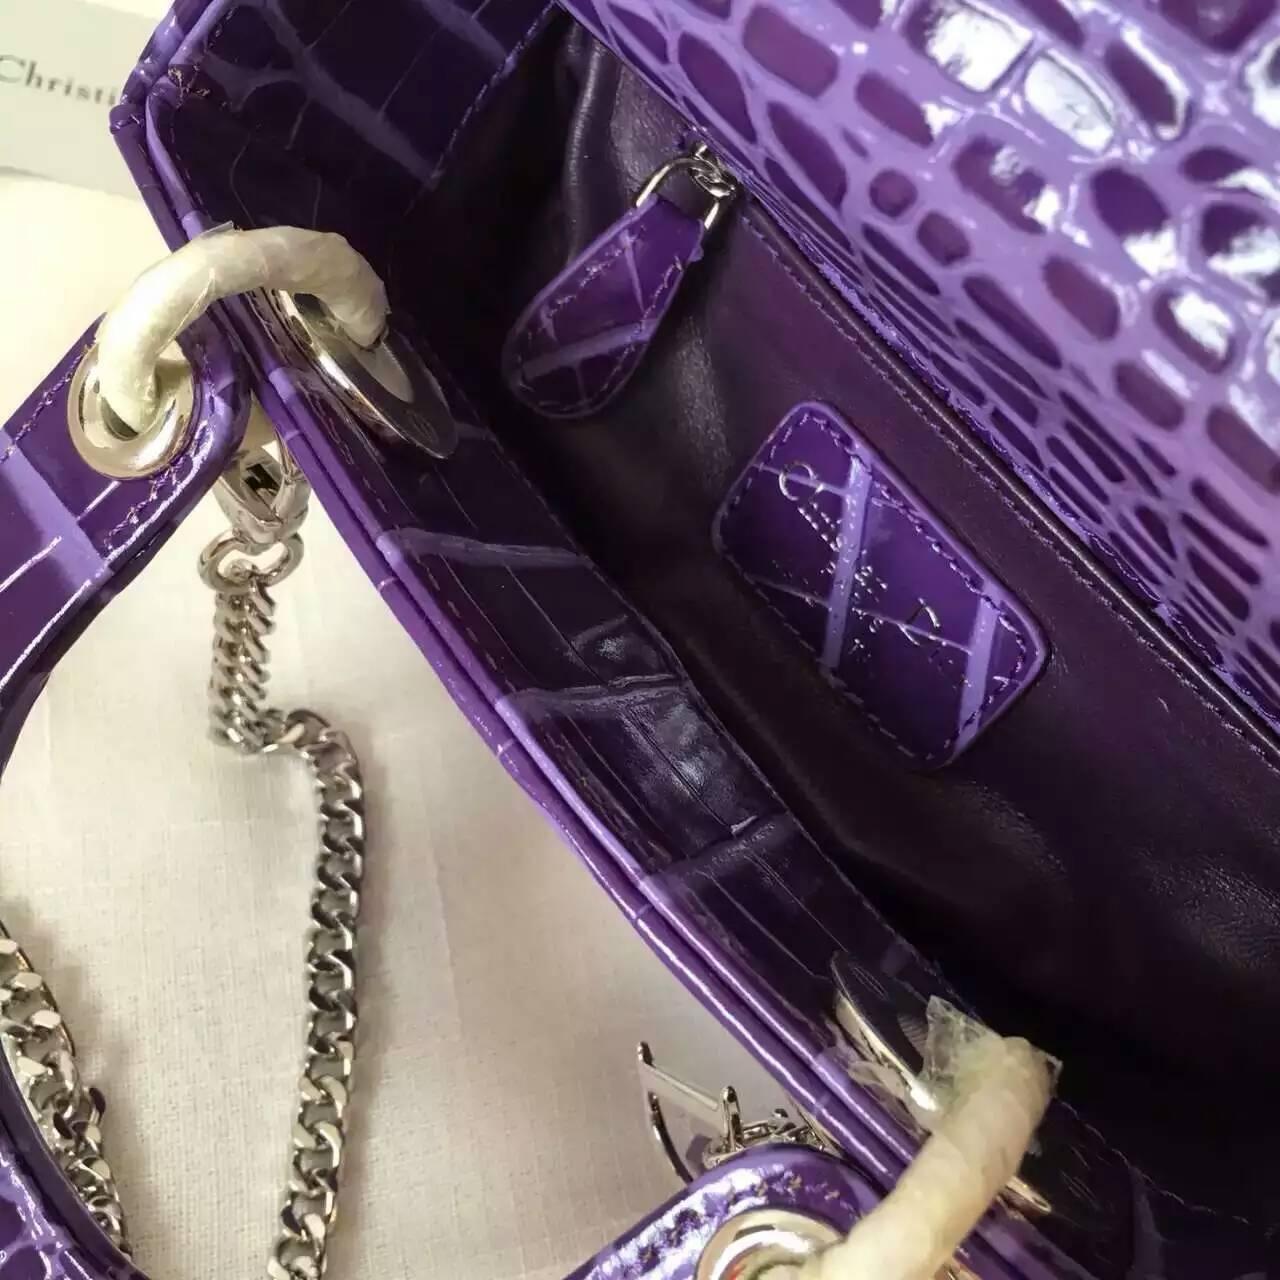 迪奥女包价格 Lady Dior mini进口小牛皮压鳄鱼纹三格戴妃包17cm 紫色